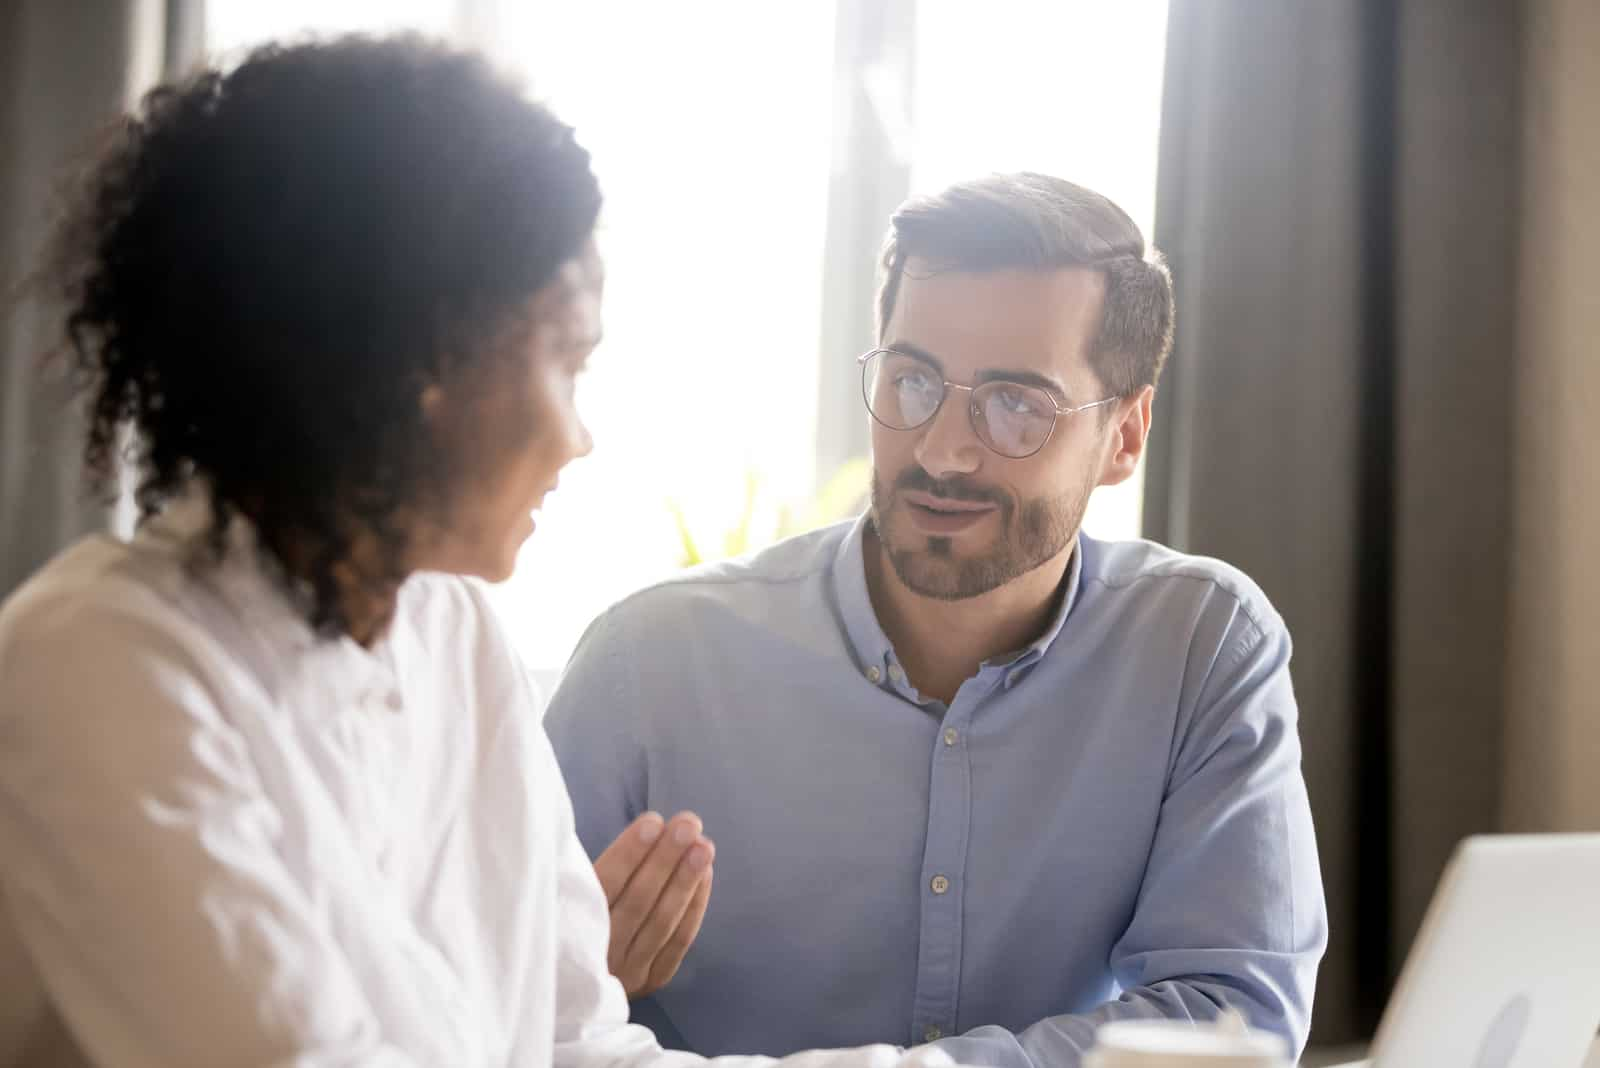 un homme parle à une femme tout en lui expliquant quelque chose